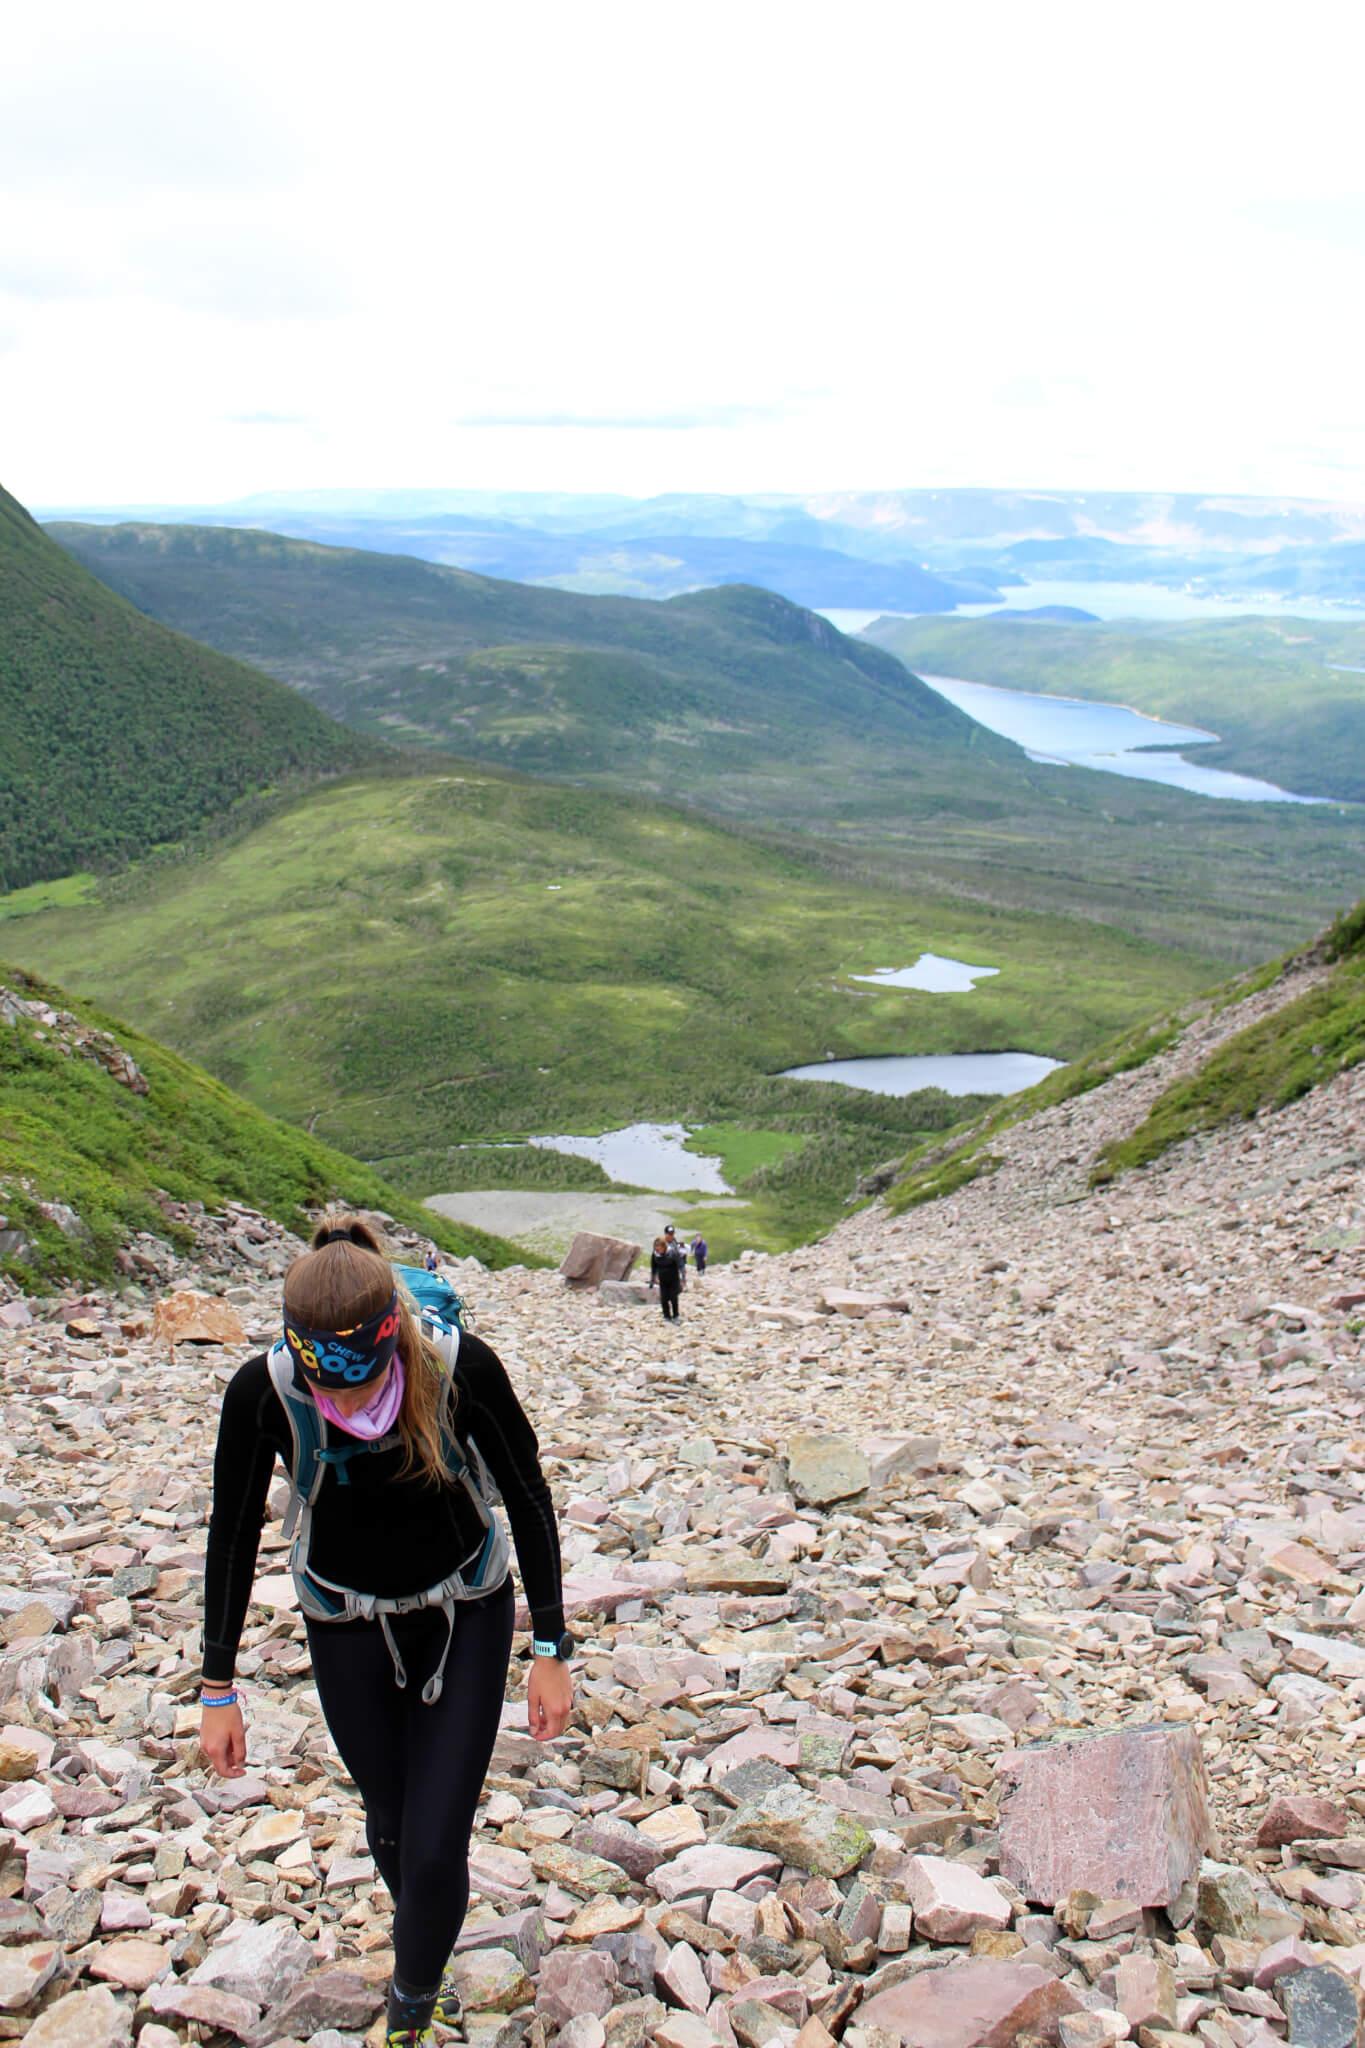 Image au parc national du Gros-Morne pour notre article Randonnées de rêve à Terre-Neuve